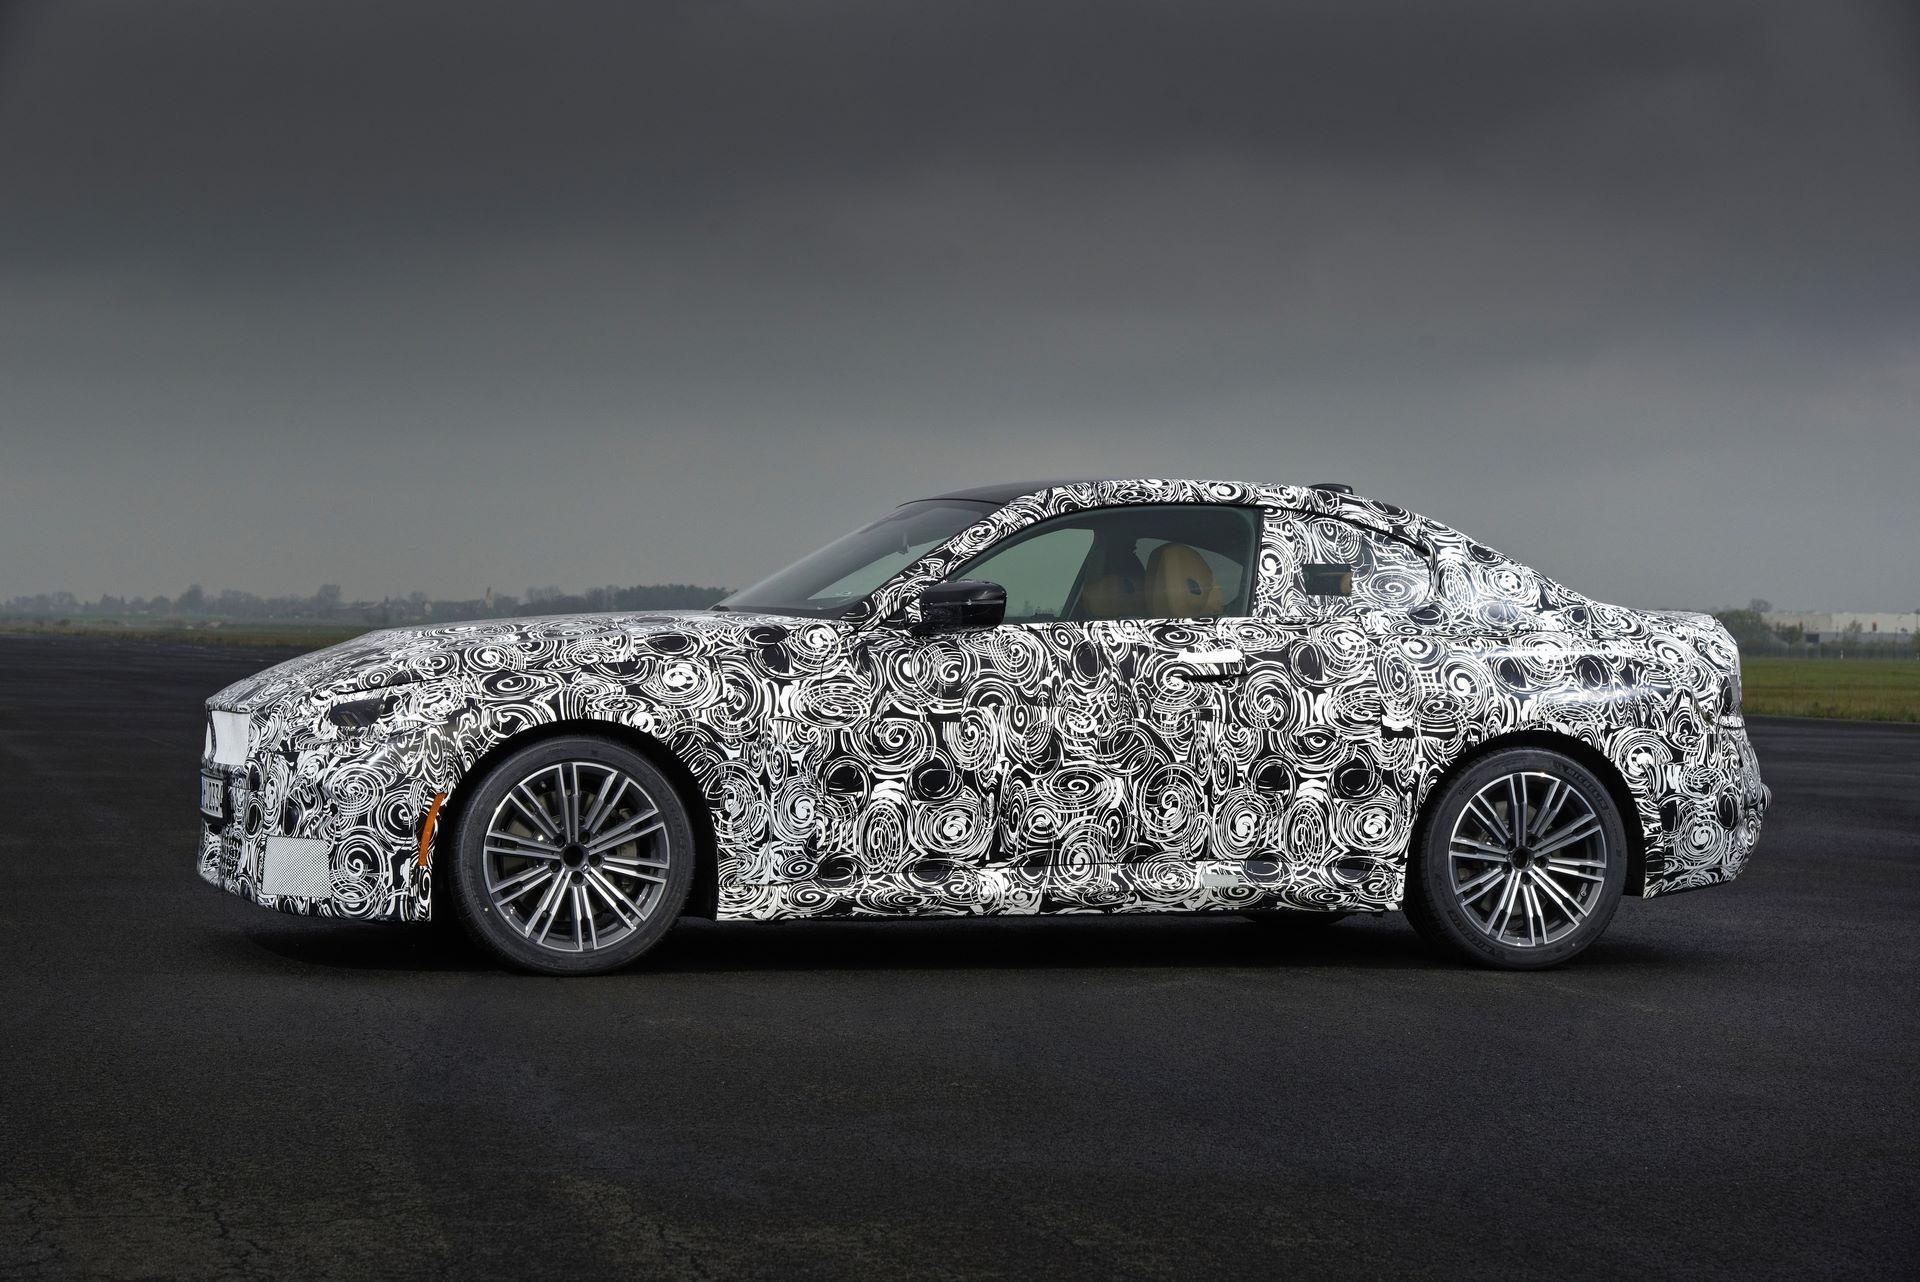 BMW-2-Series-M240i-spy-photos-54